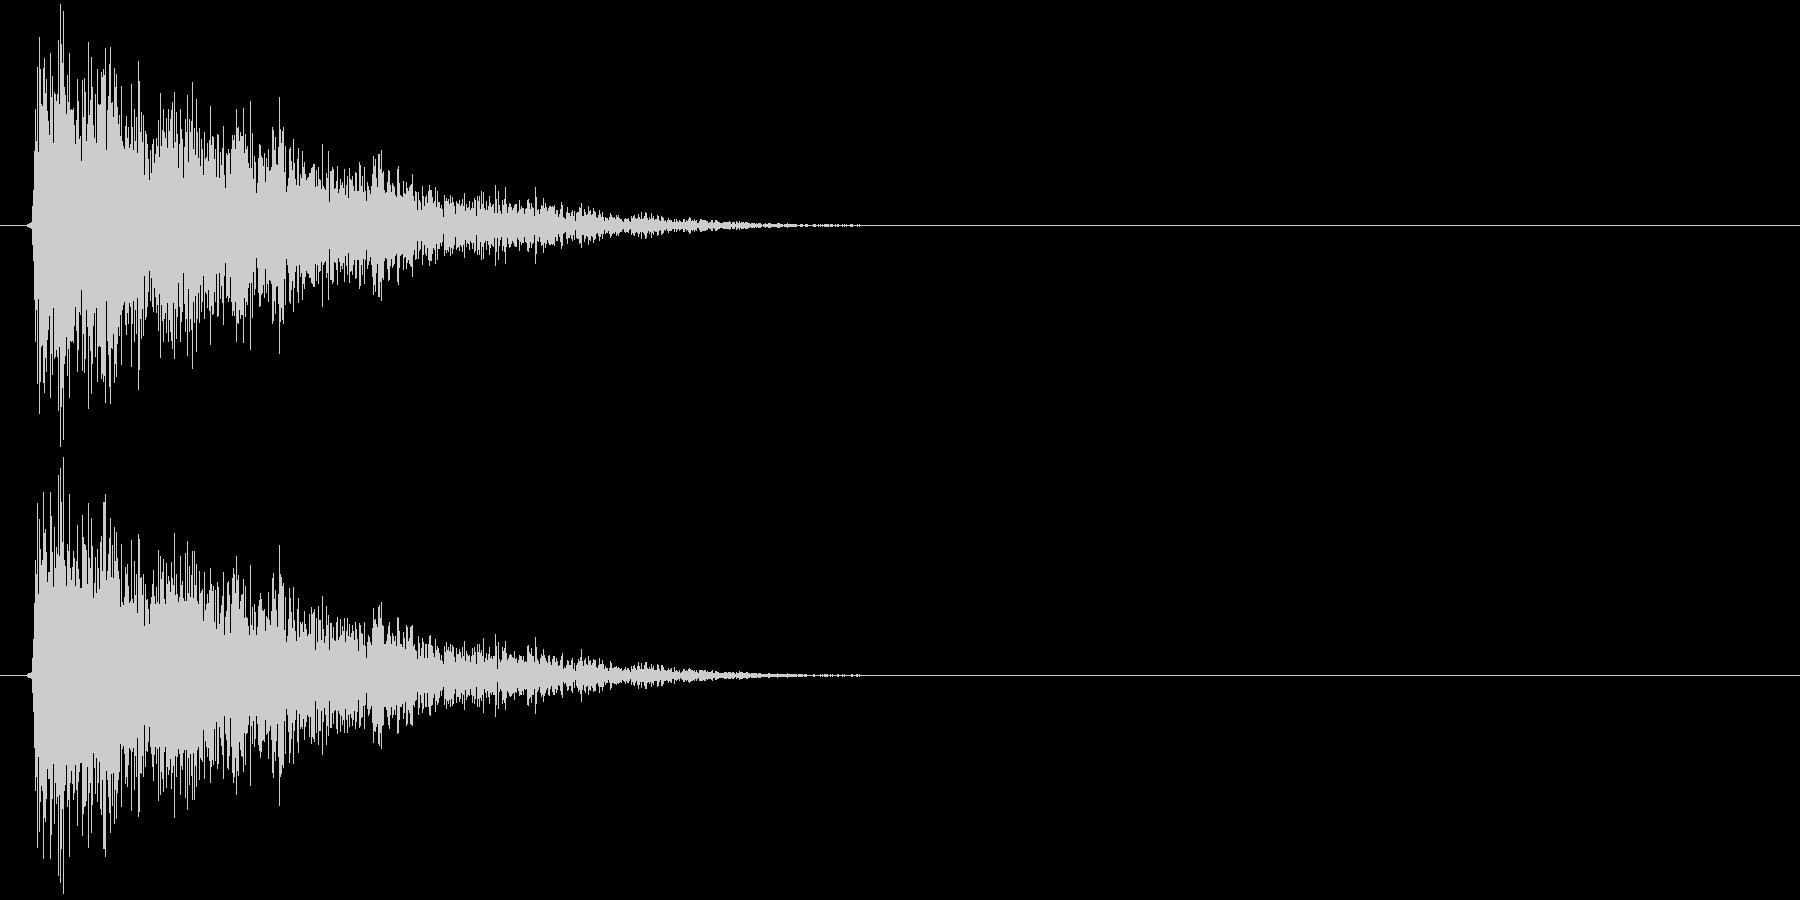 シューーン↓(STG、スピードダウン)の未再生の波形